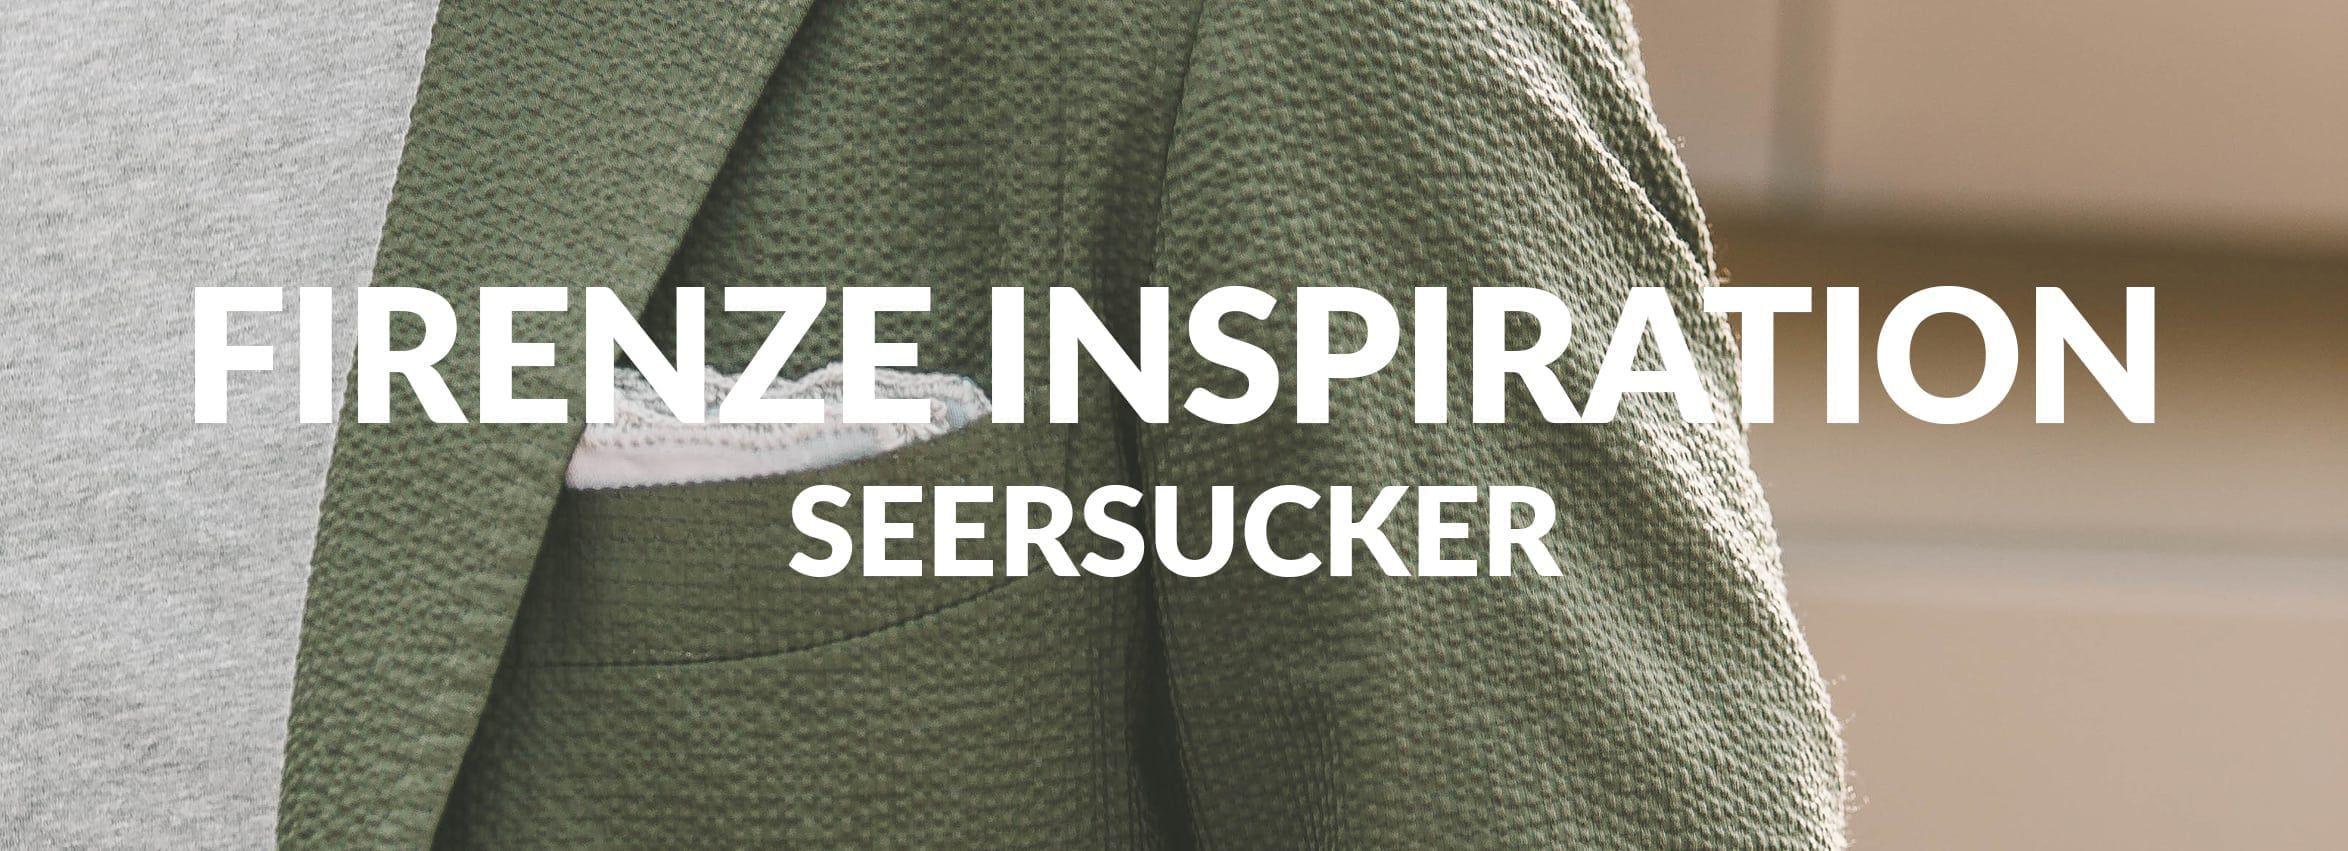 Firenze Inspiration Seersucker